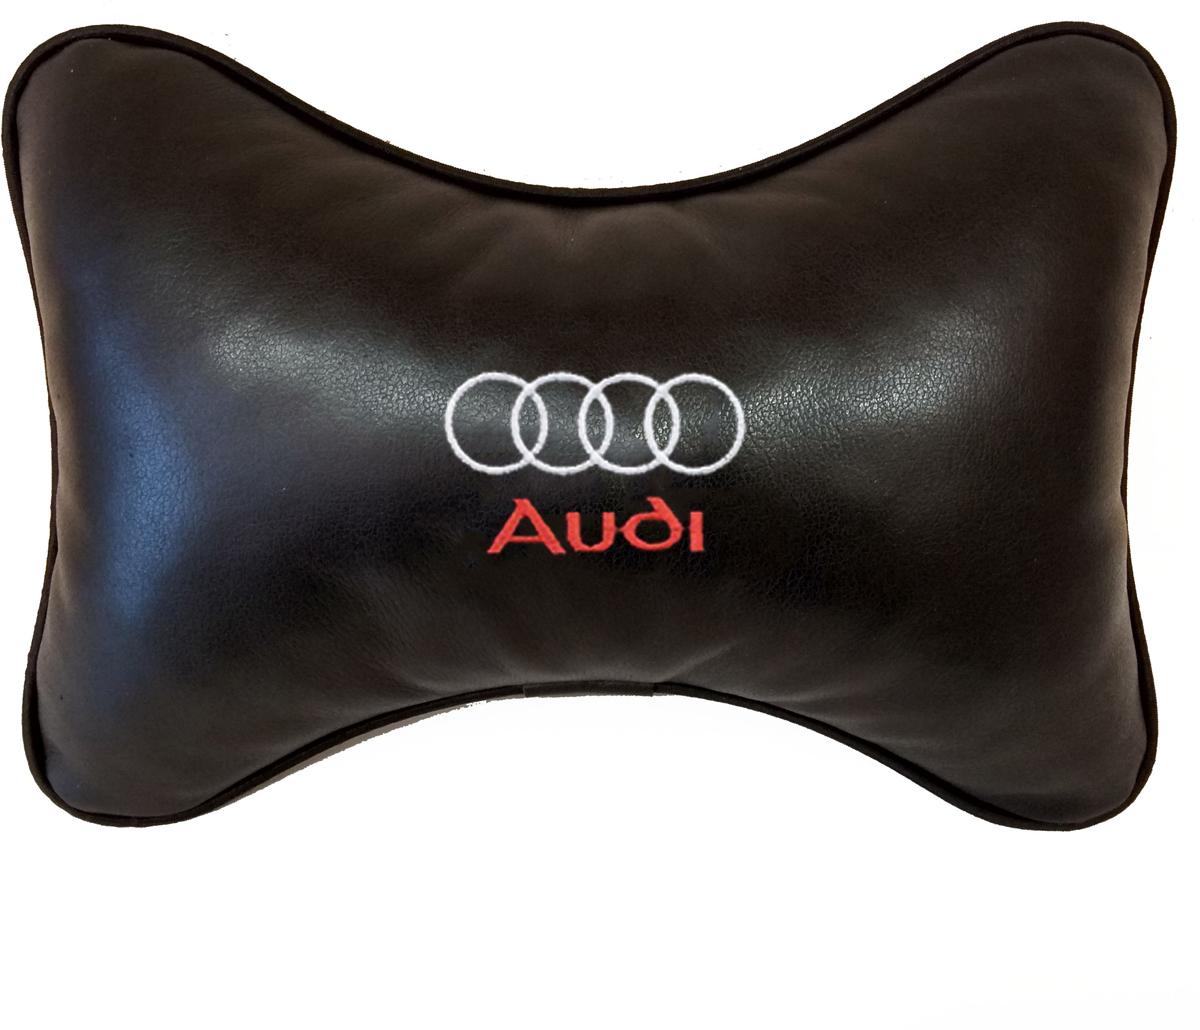 Подушка на подголовник Auto Premium Audi, цвет: черный, 37803 подушка на подголовник auto premium nissan цвет бежевый 37583